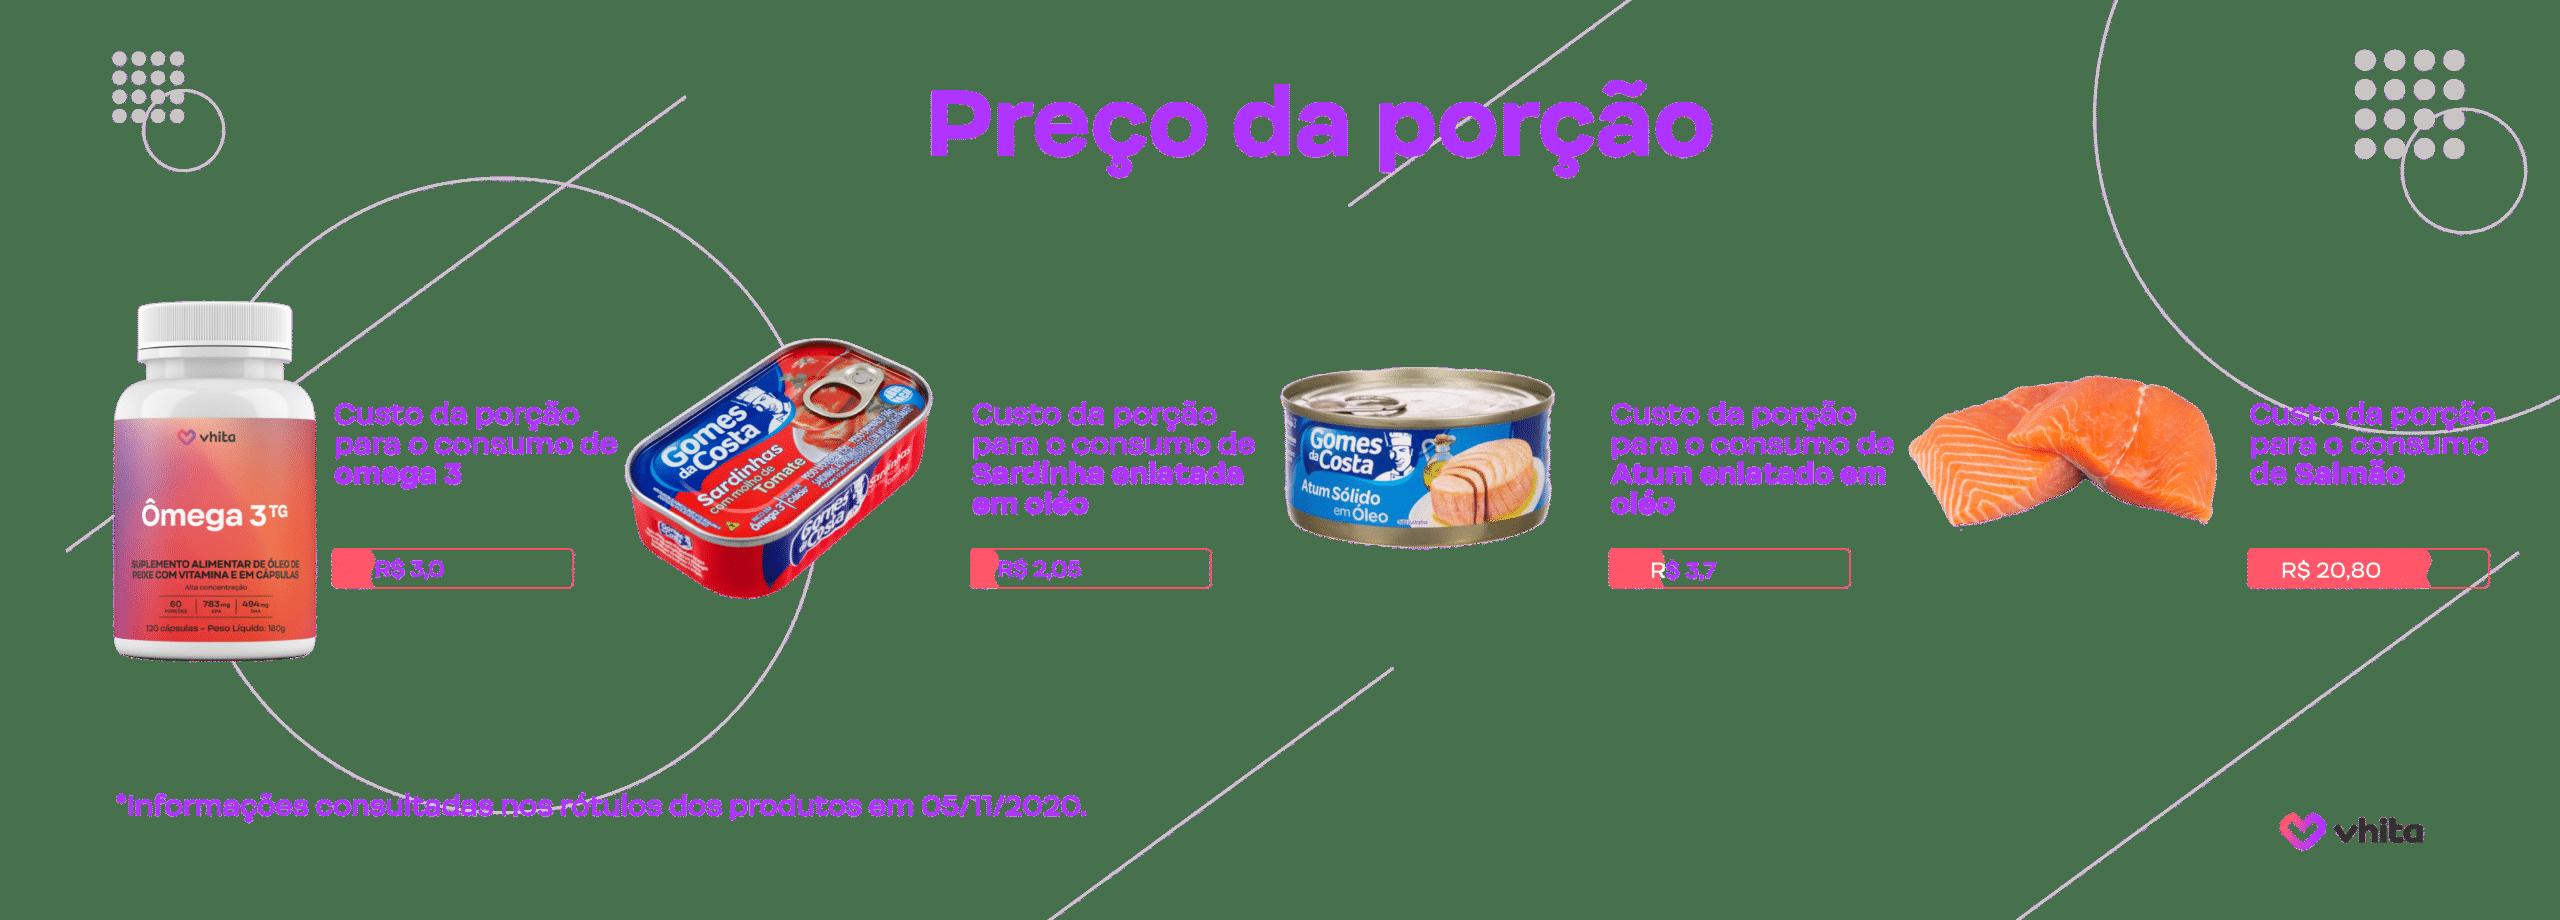 Custo da porção de ômega 3 nos alimentos.